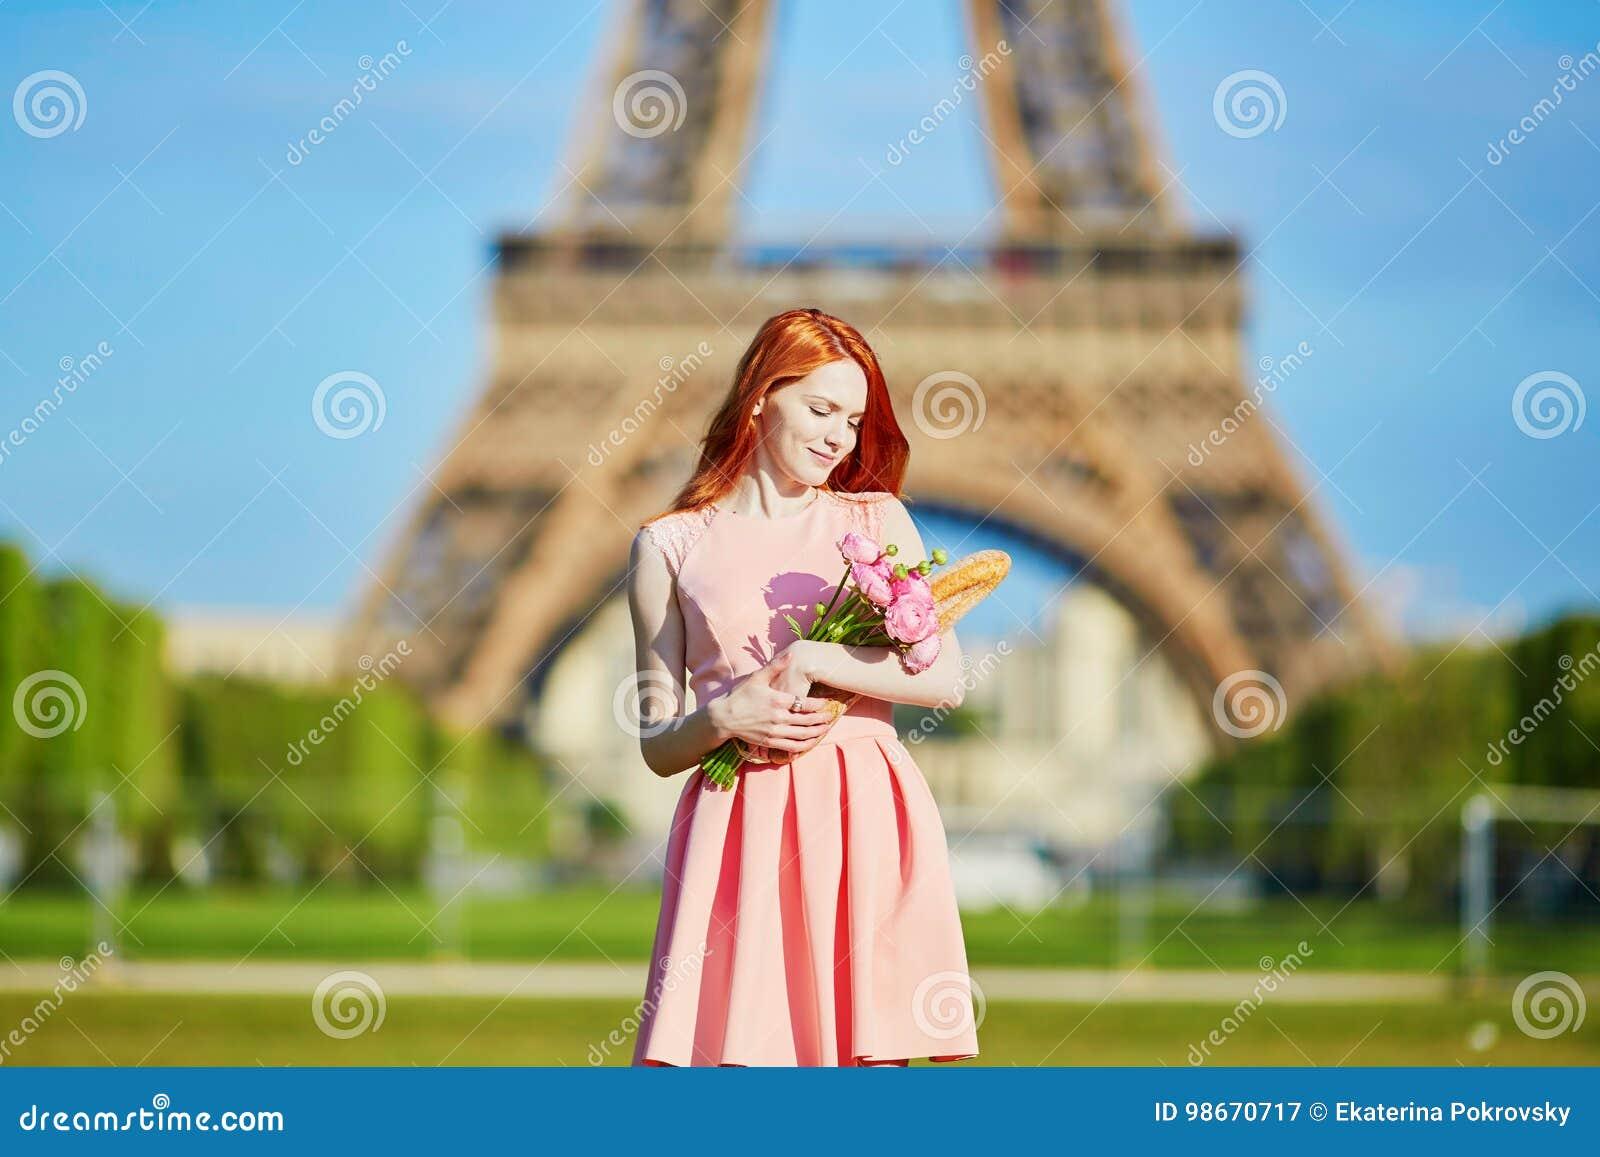 Fille avec la baguette de pain français et les fleurs traditionnelles devant Tour Eiffel